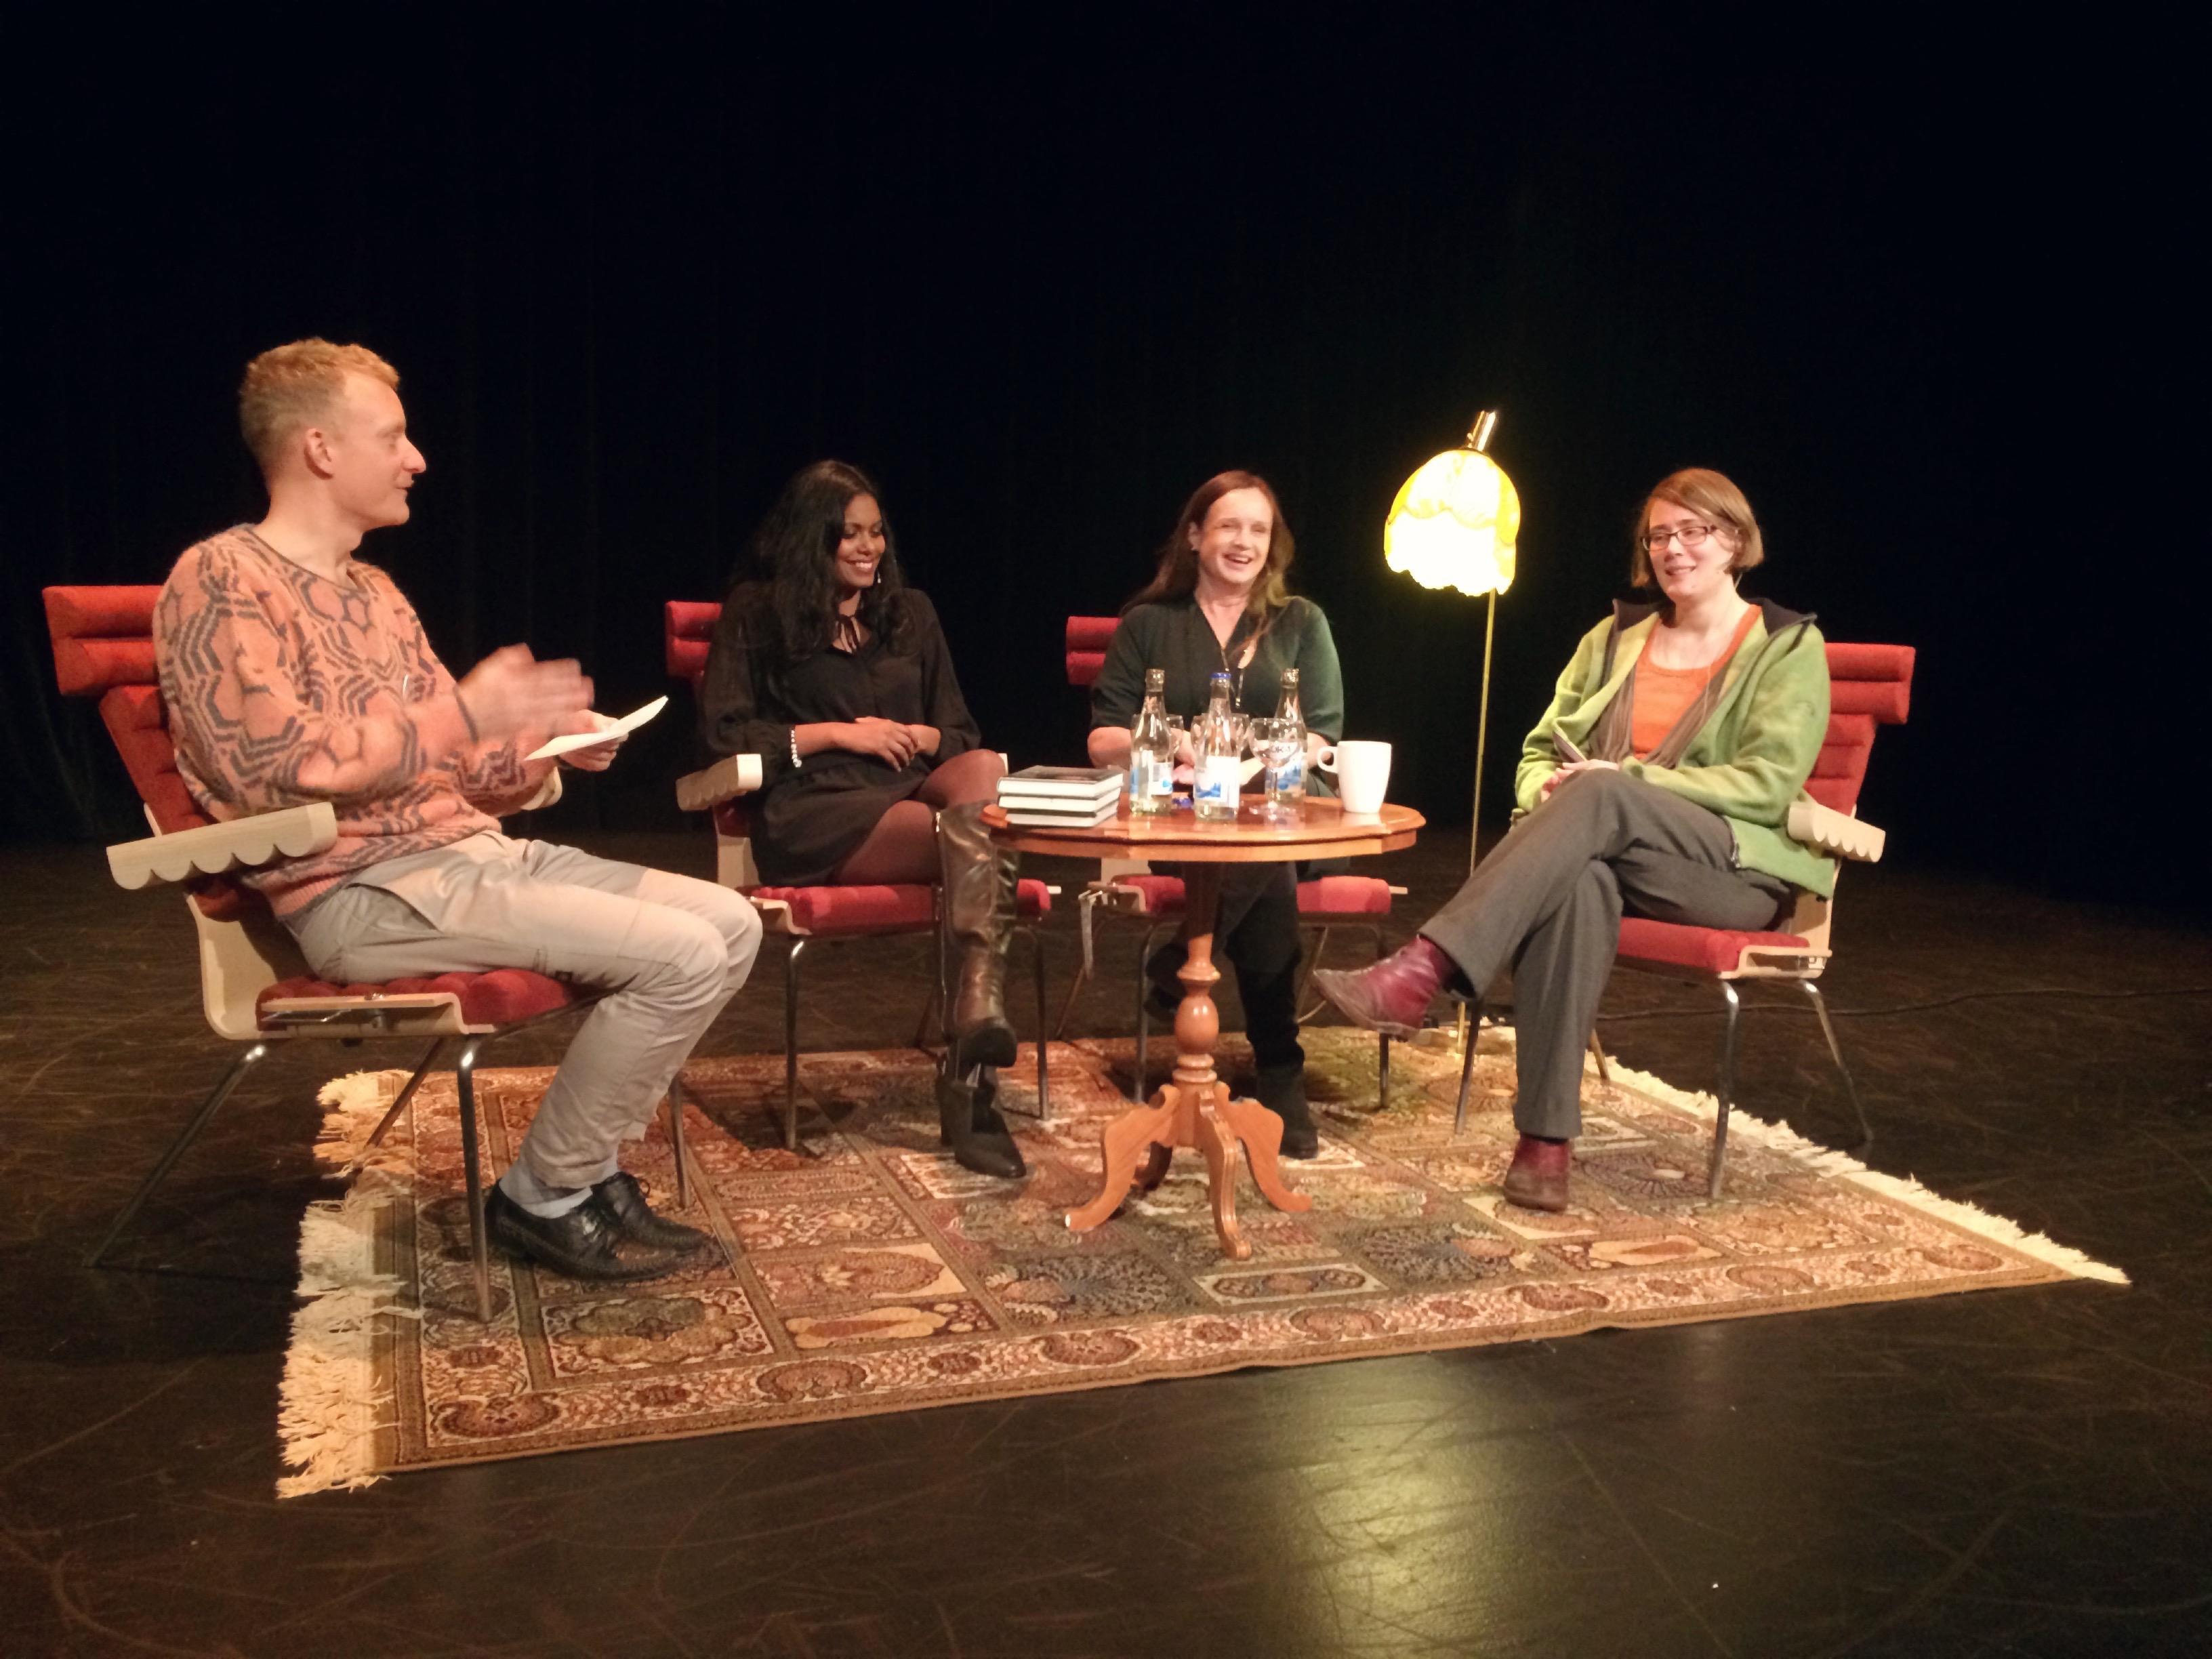 Fyra glada personer som sitter på en scen